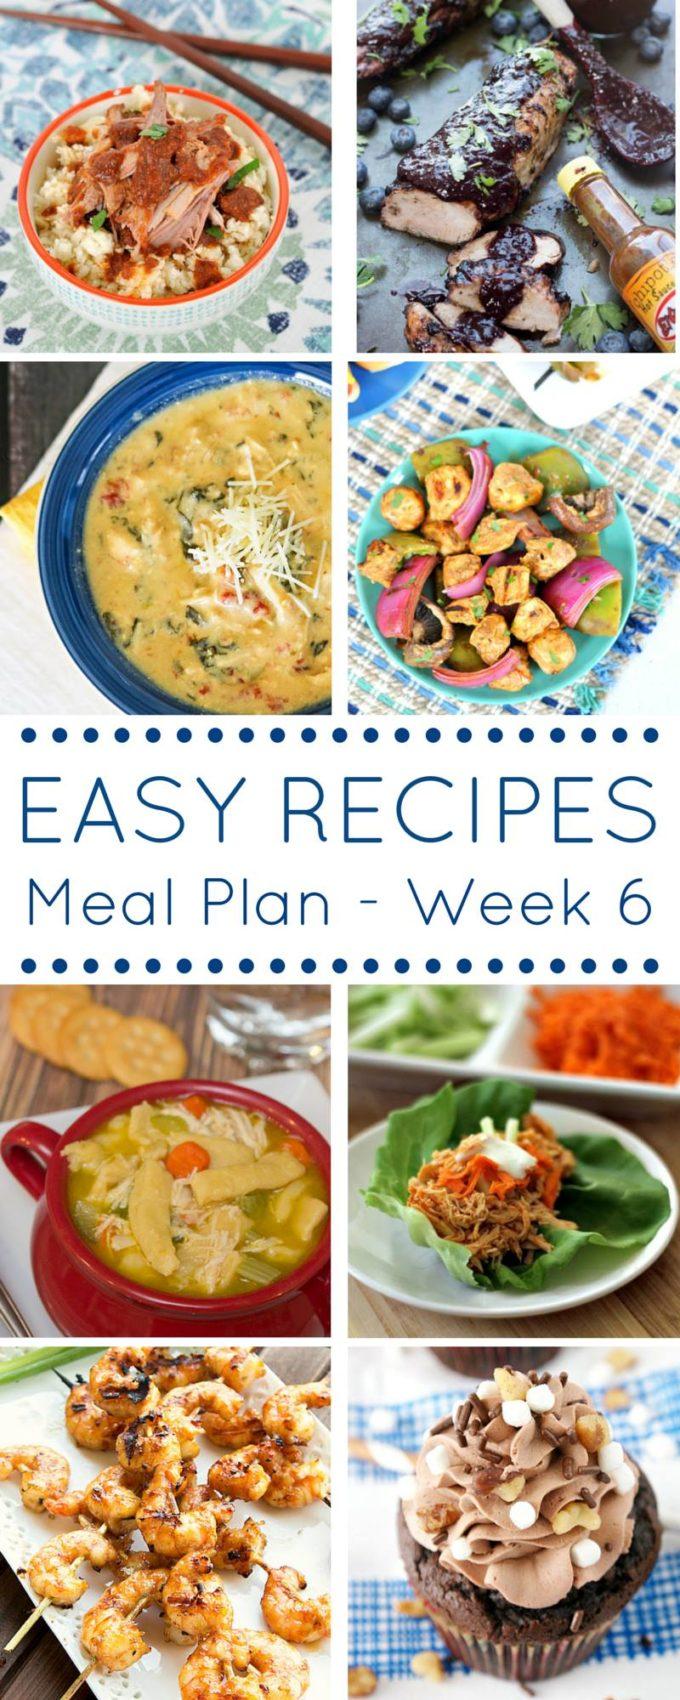 week 6 meal plan pin